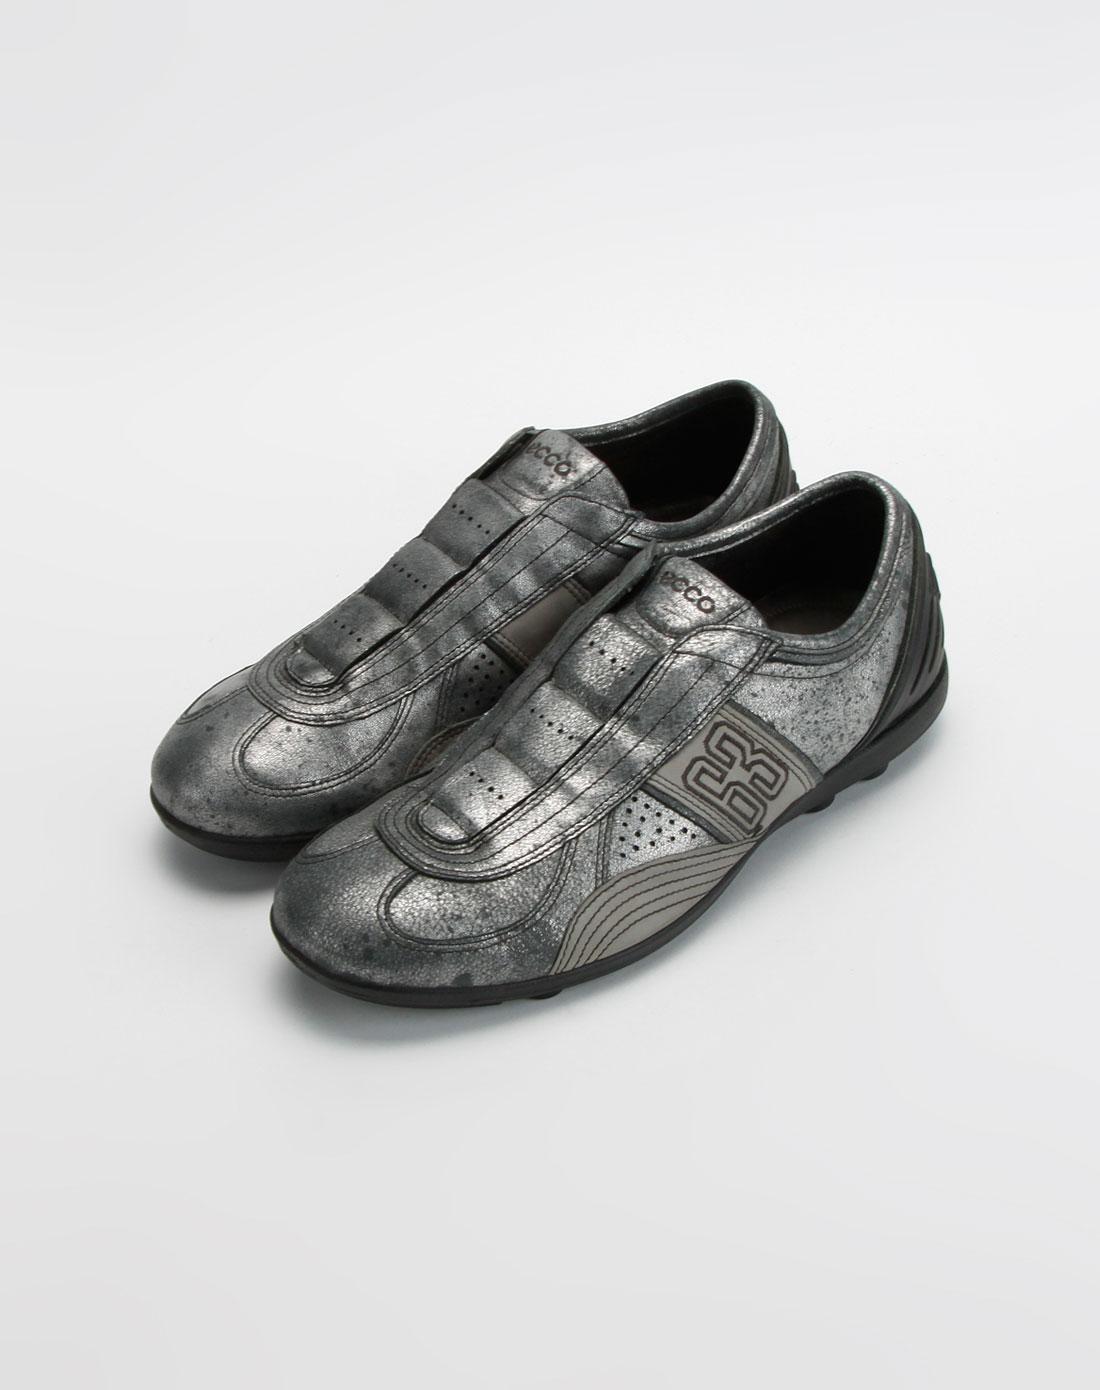 爱步ecco男款银/黑色绣数字休闲鞋